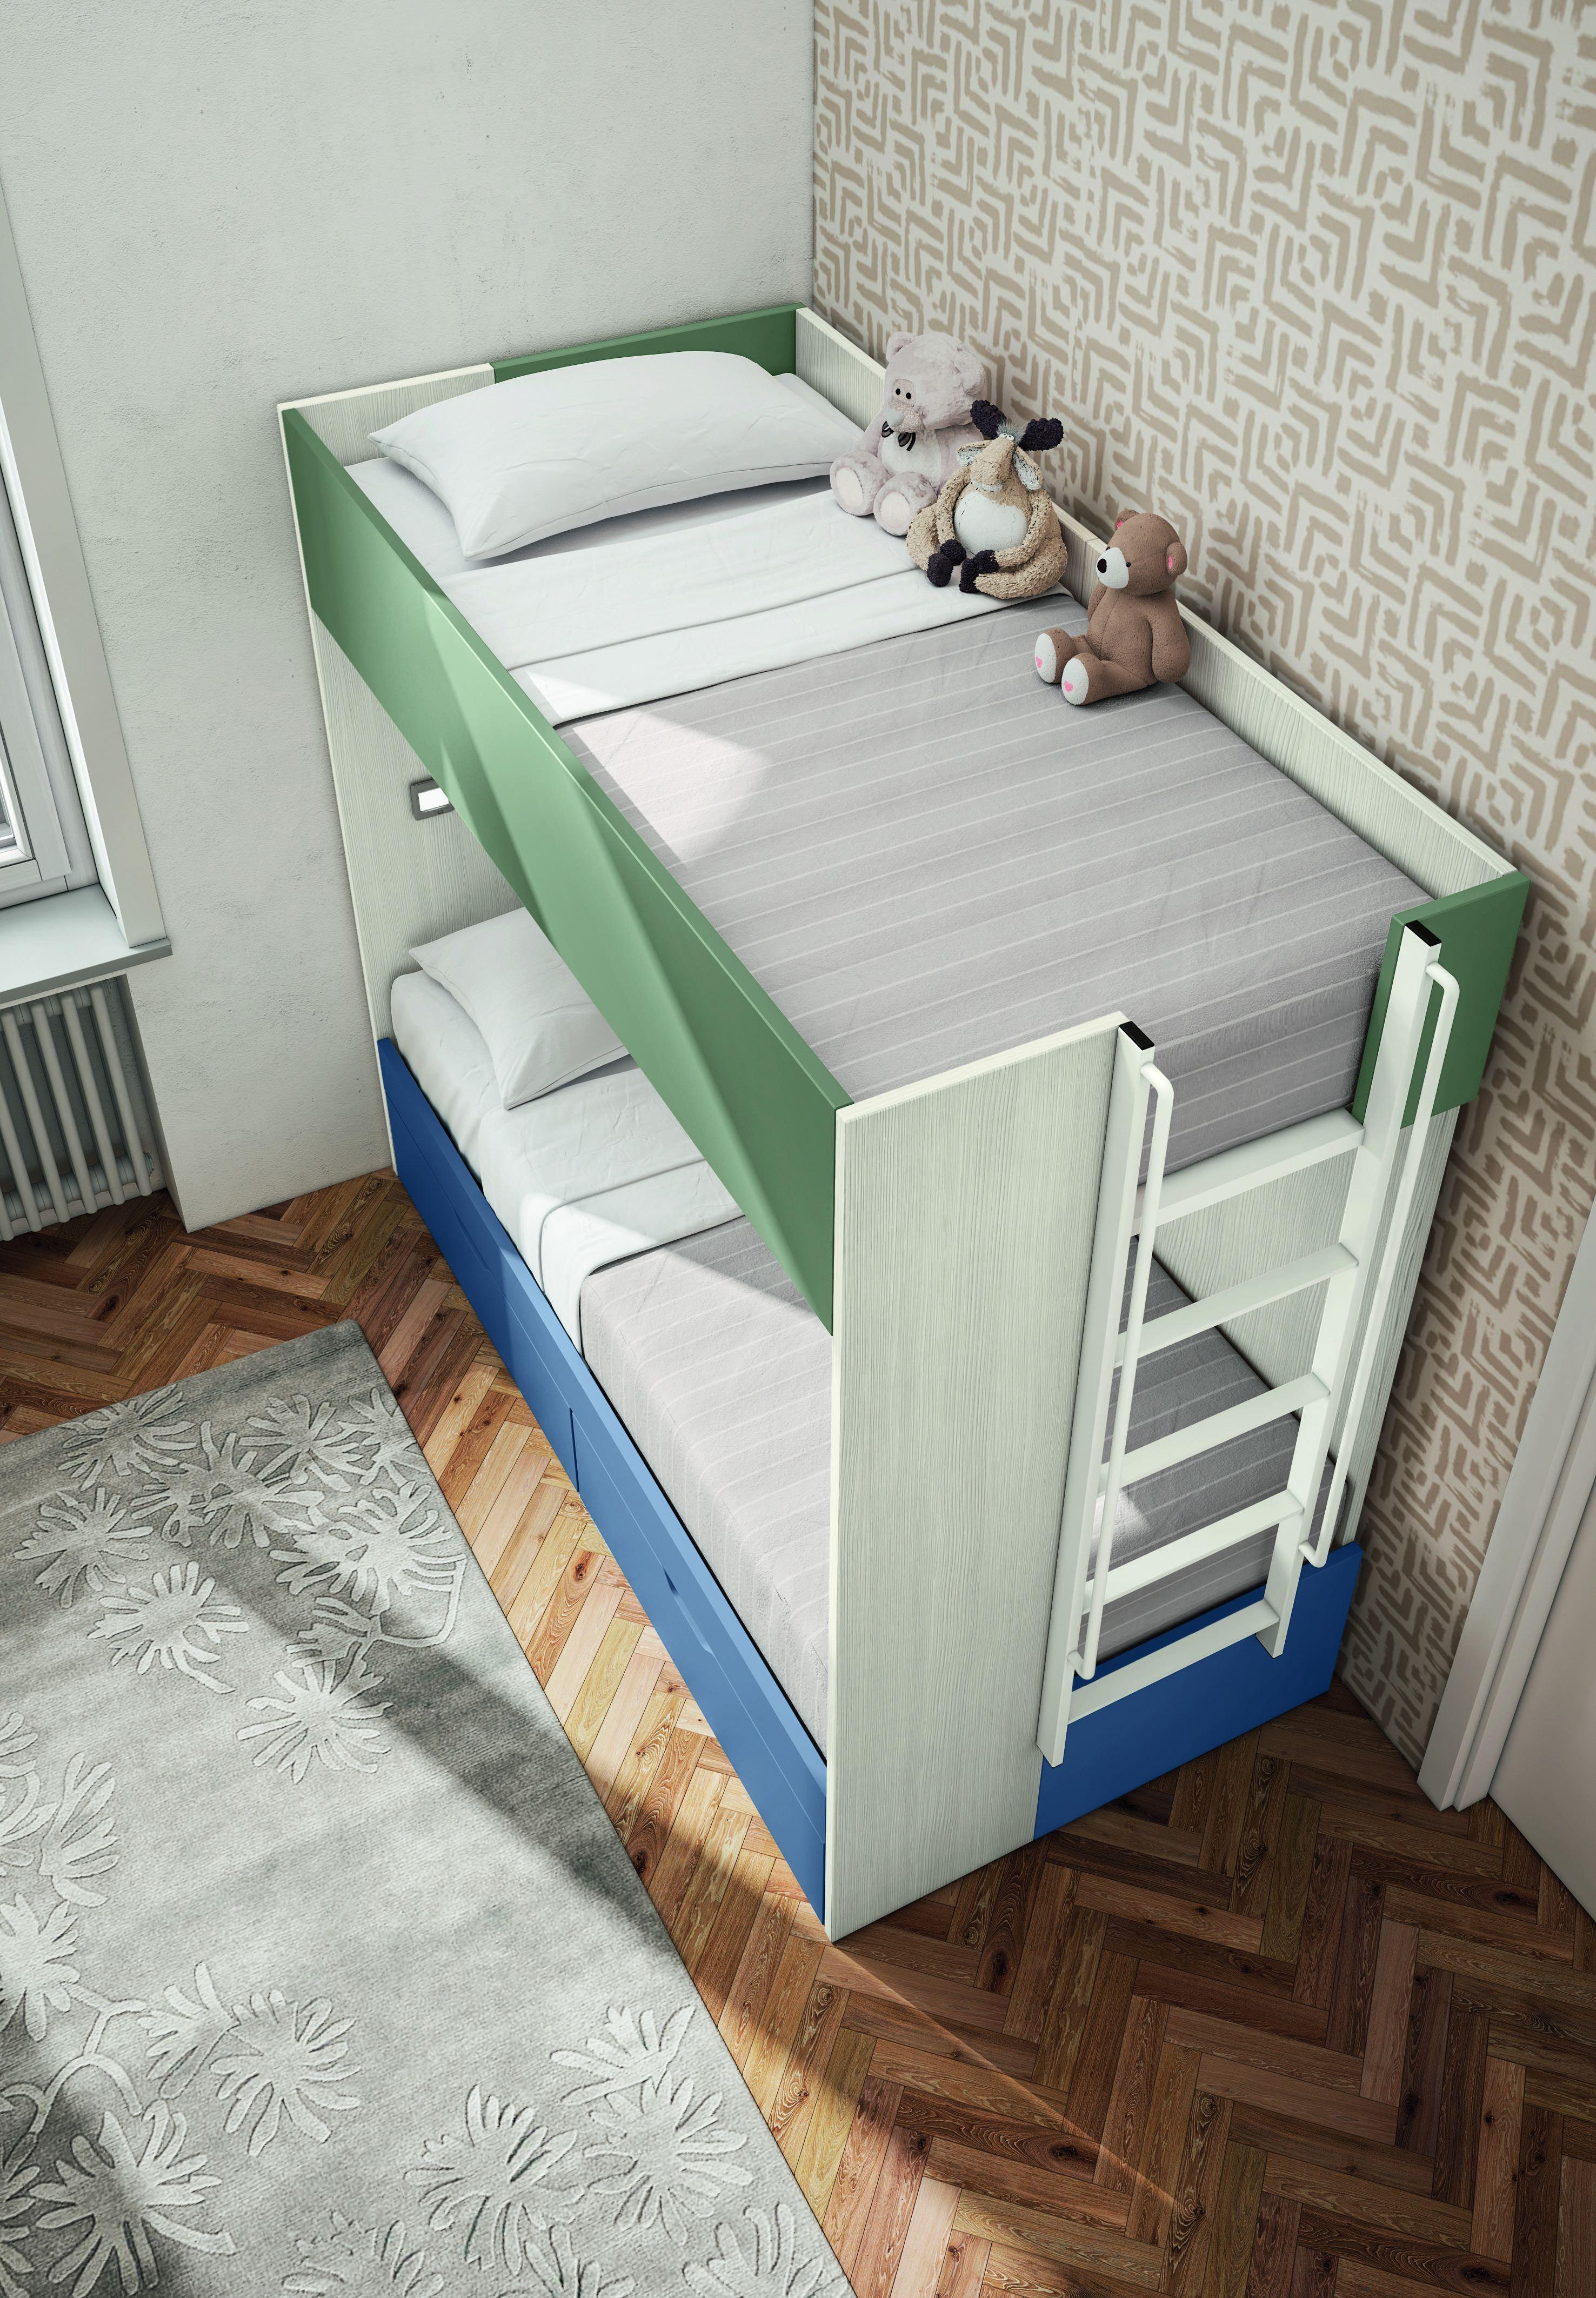 Vendita mobili online - Letto castello 1 letto dx IAGO ...